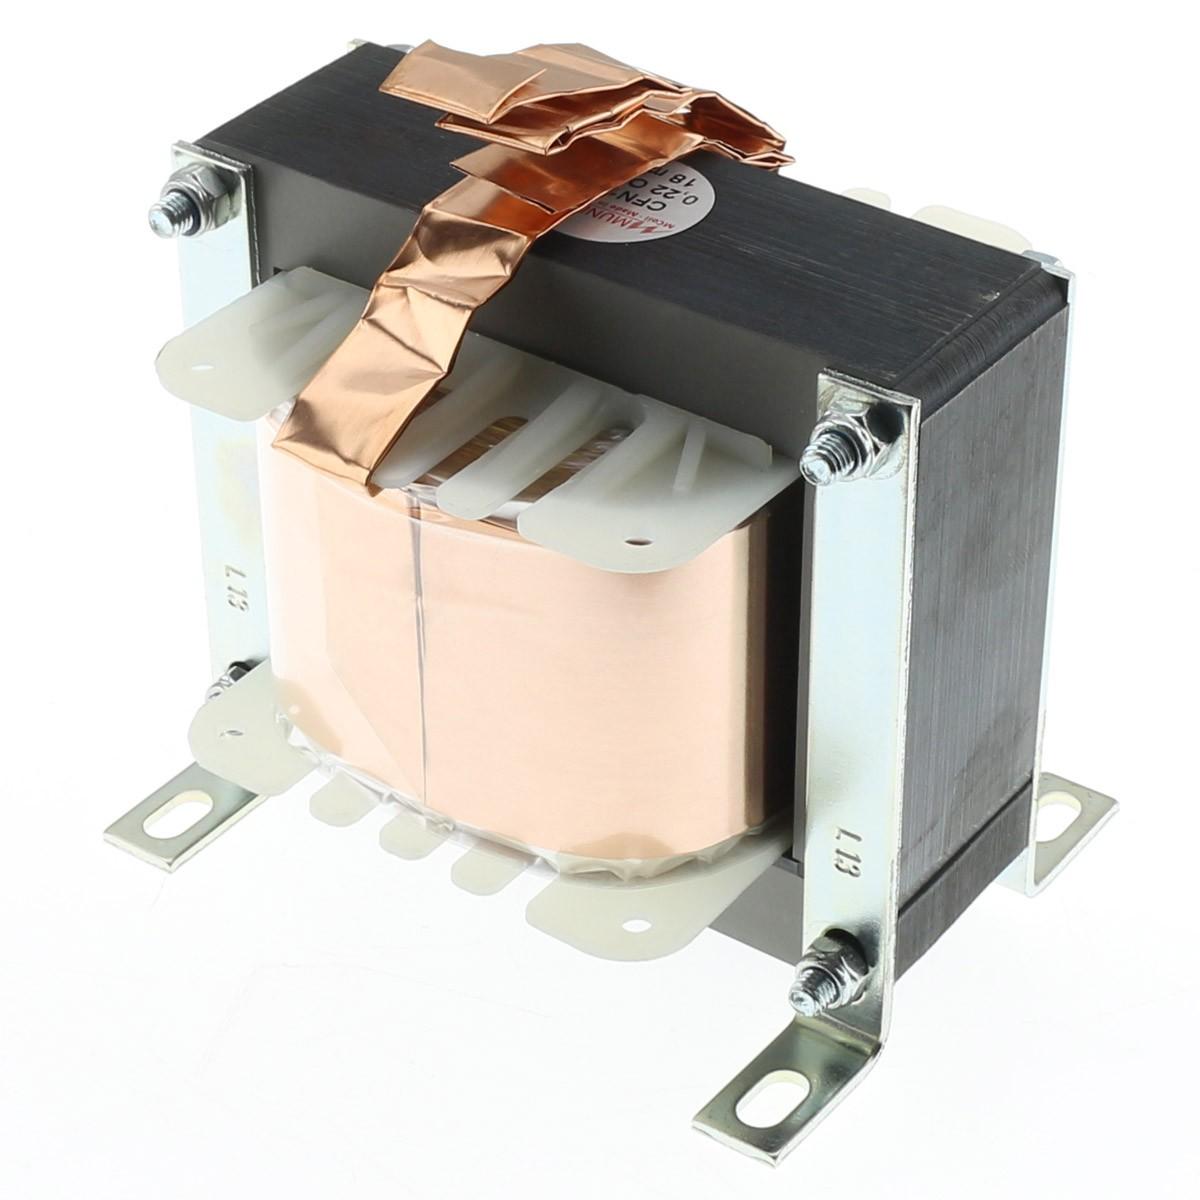 MUNDORF CFN14 Copper Foil Ferron Core Coil Zero-Ohm 3.3mH